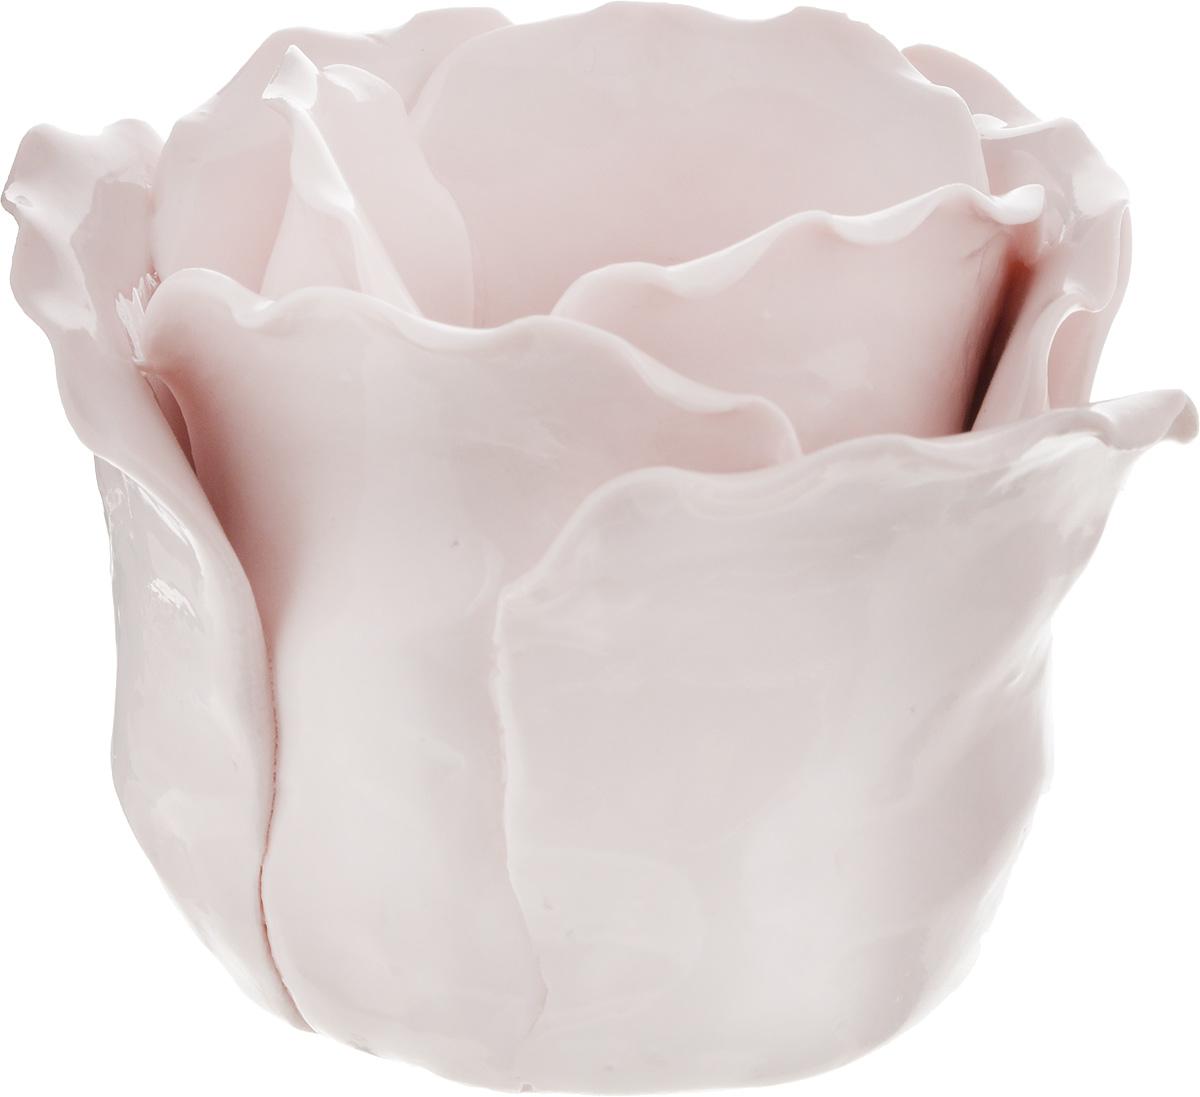 Подсвечник декоративный Феникс-Презент, цвет: розовый, 8,5 х 8,5 х 7,5 смU210DFДекоративный подсвечник Феникс-Презент изготовлен из фарфора. Подсвечник предназначен для одной свечи. Стильный и изысканный подсвечник позволит украсить интерьер дома или рабочего кабинета оригинальным образом.Вы можете поставить подсвечник в любом месте, где он будет удачно смотреться и радовать глаз. Кроме того - это отличный вариант подарка для ваших близких и друзей. Диаметр отверстия для свечи: 4,5 см.